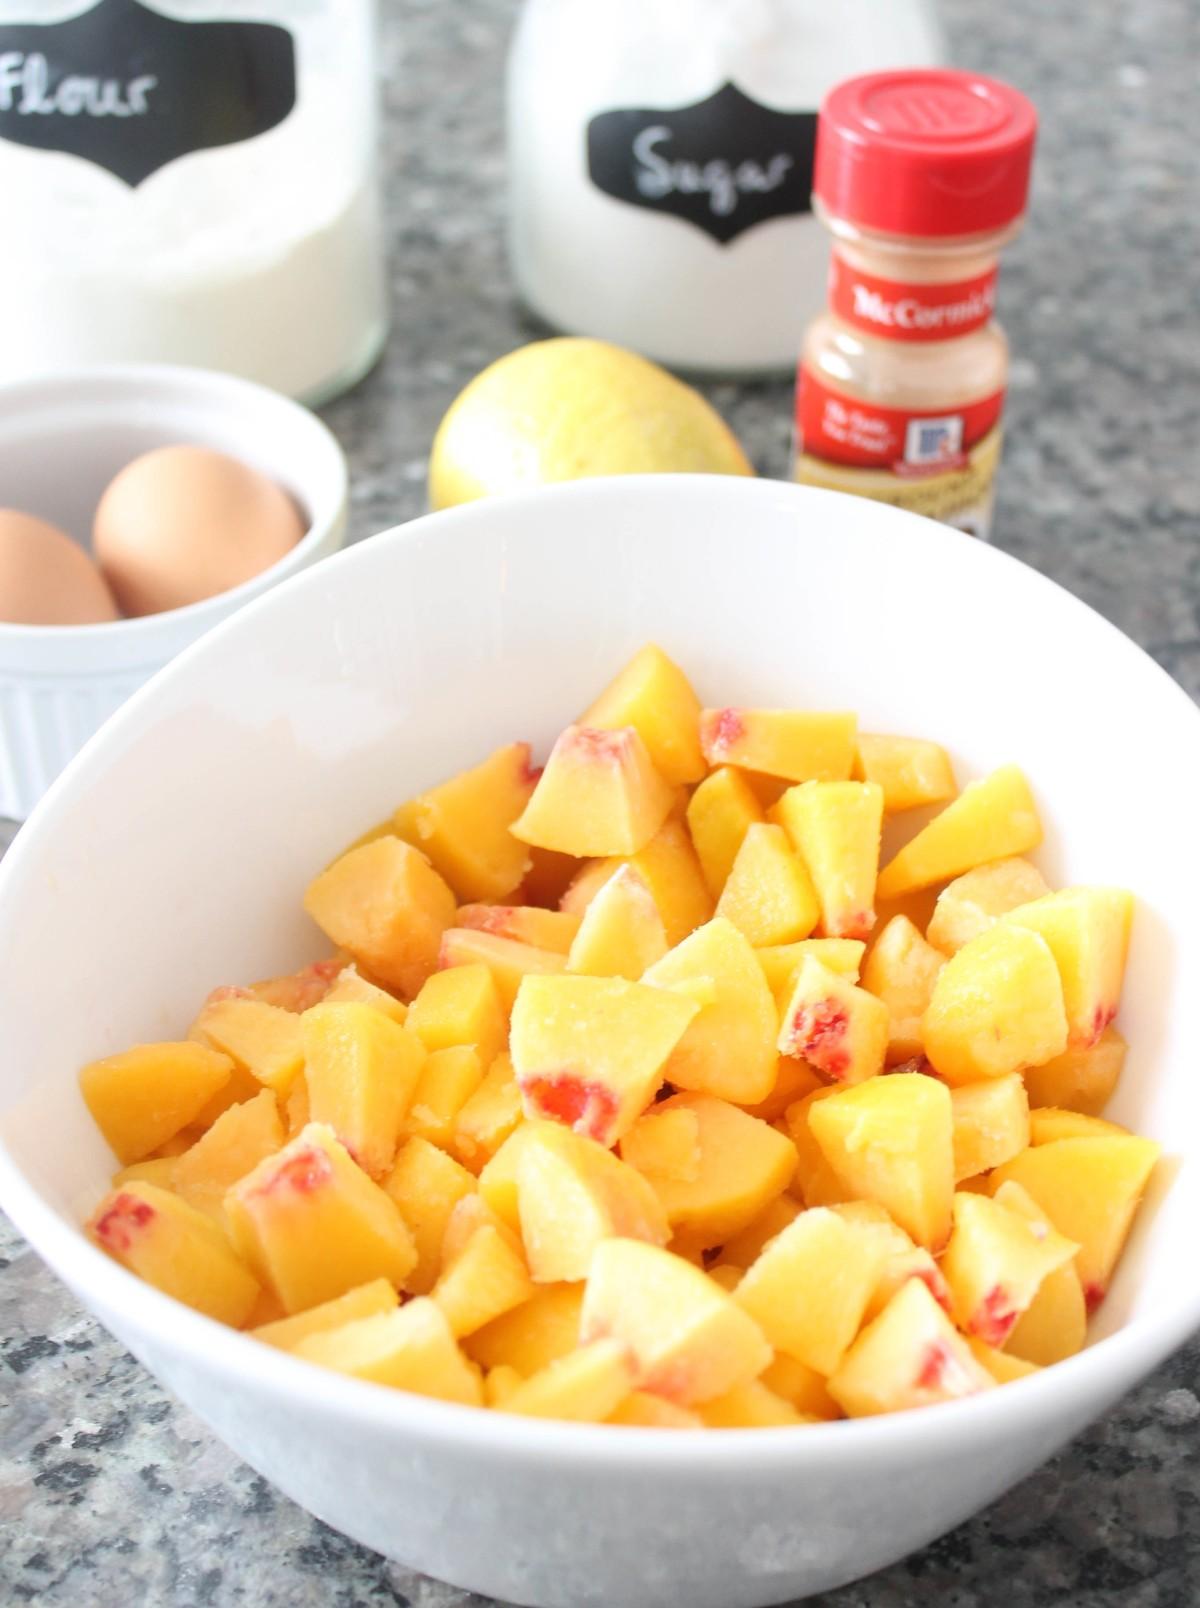 mint-and-peach-wedding-peach-cobbler-recipe.jpg